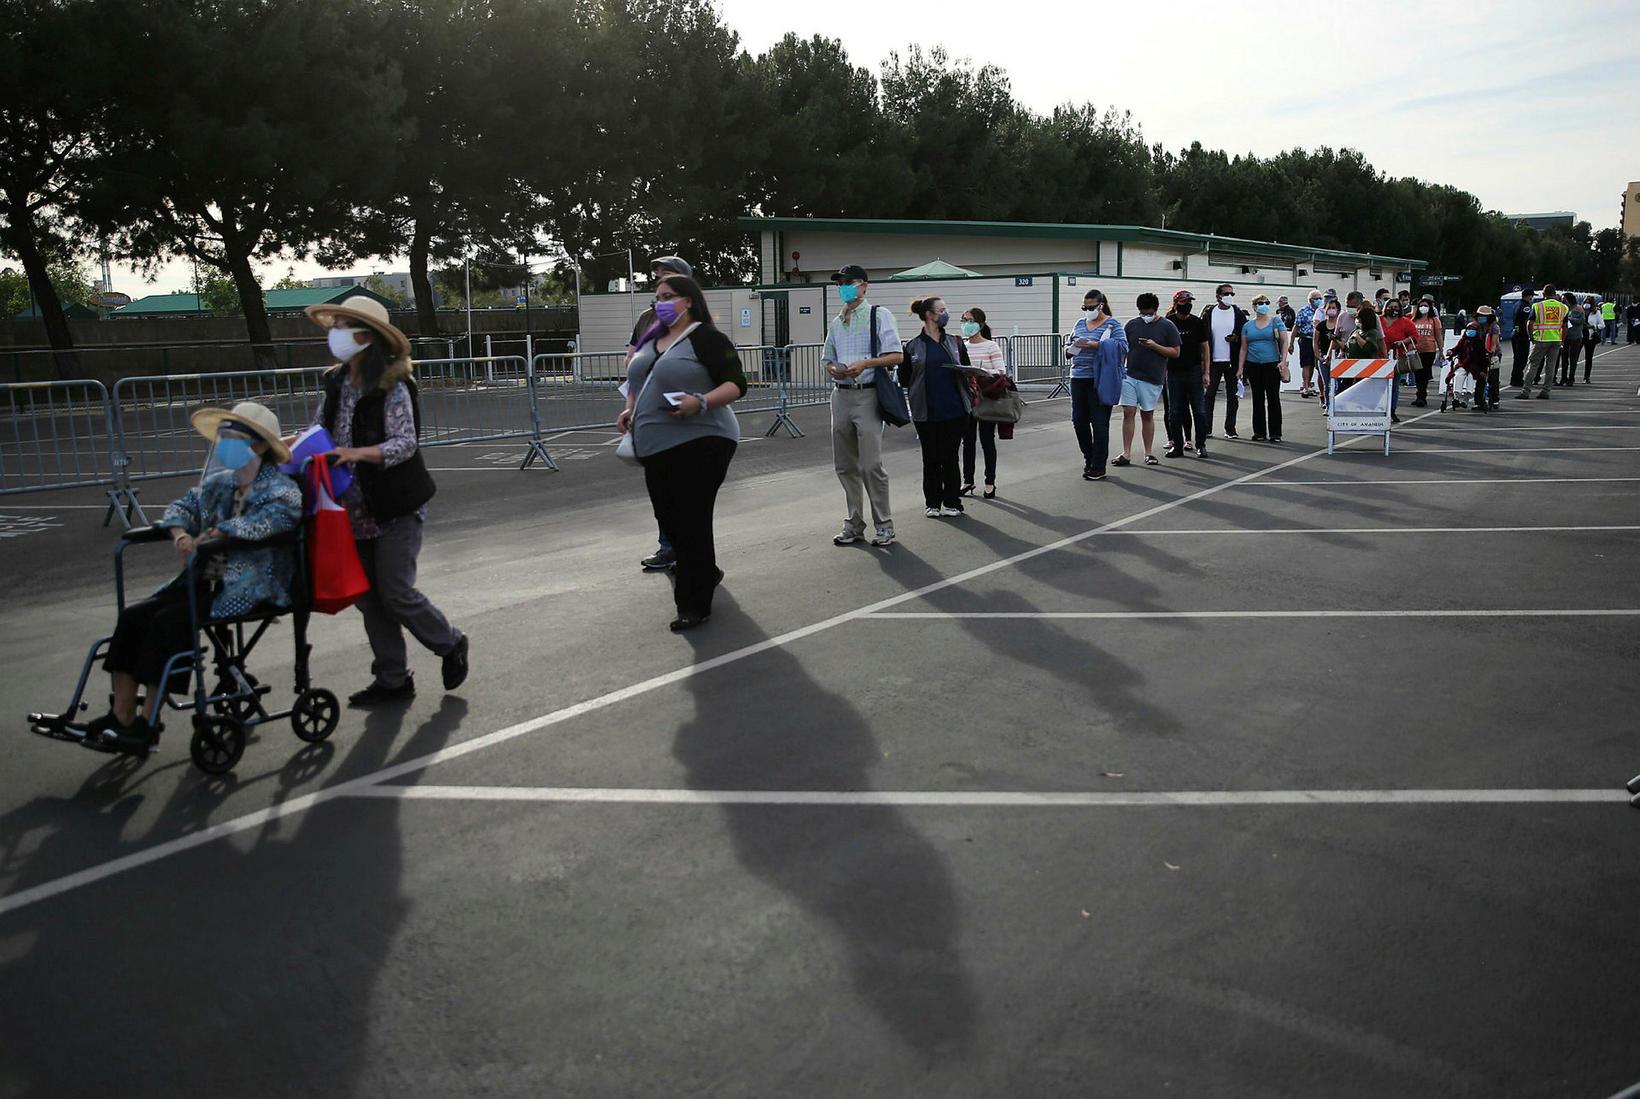 170.000 skammtar bóluefnis hafa verið tryggðir fyrir íbúa Orange County …